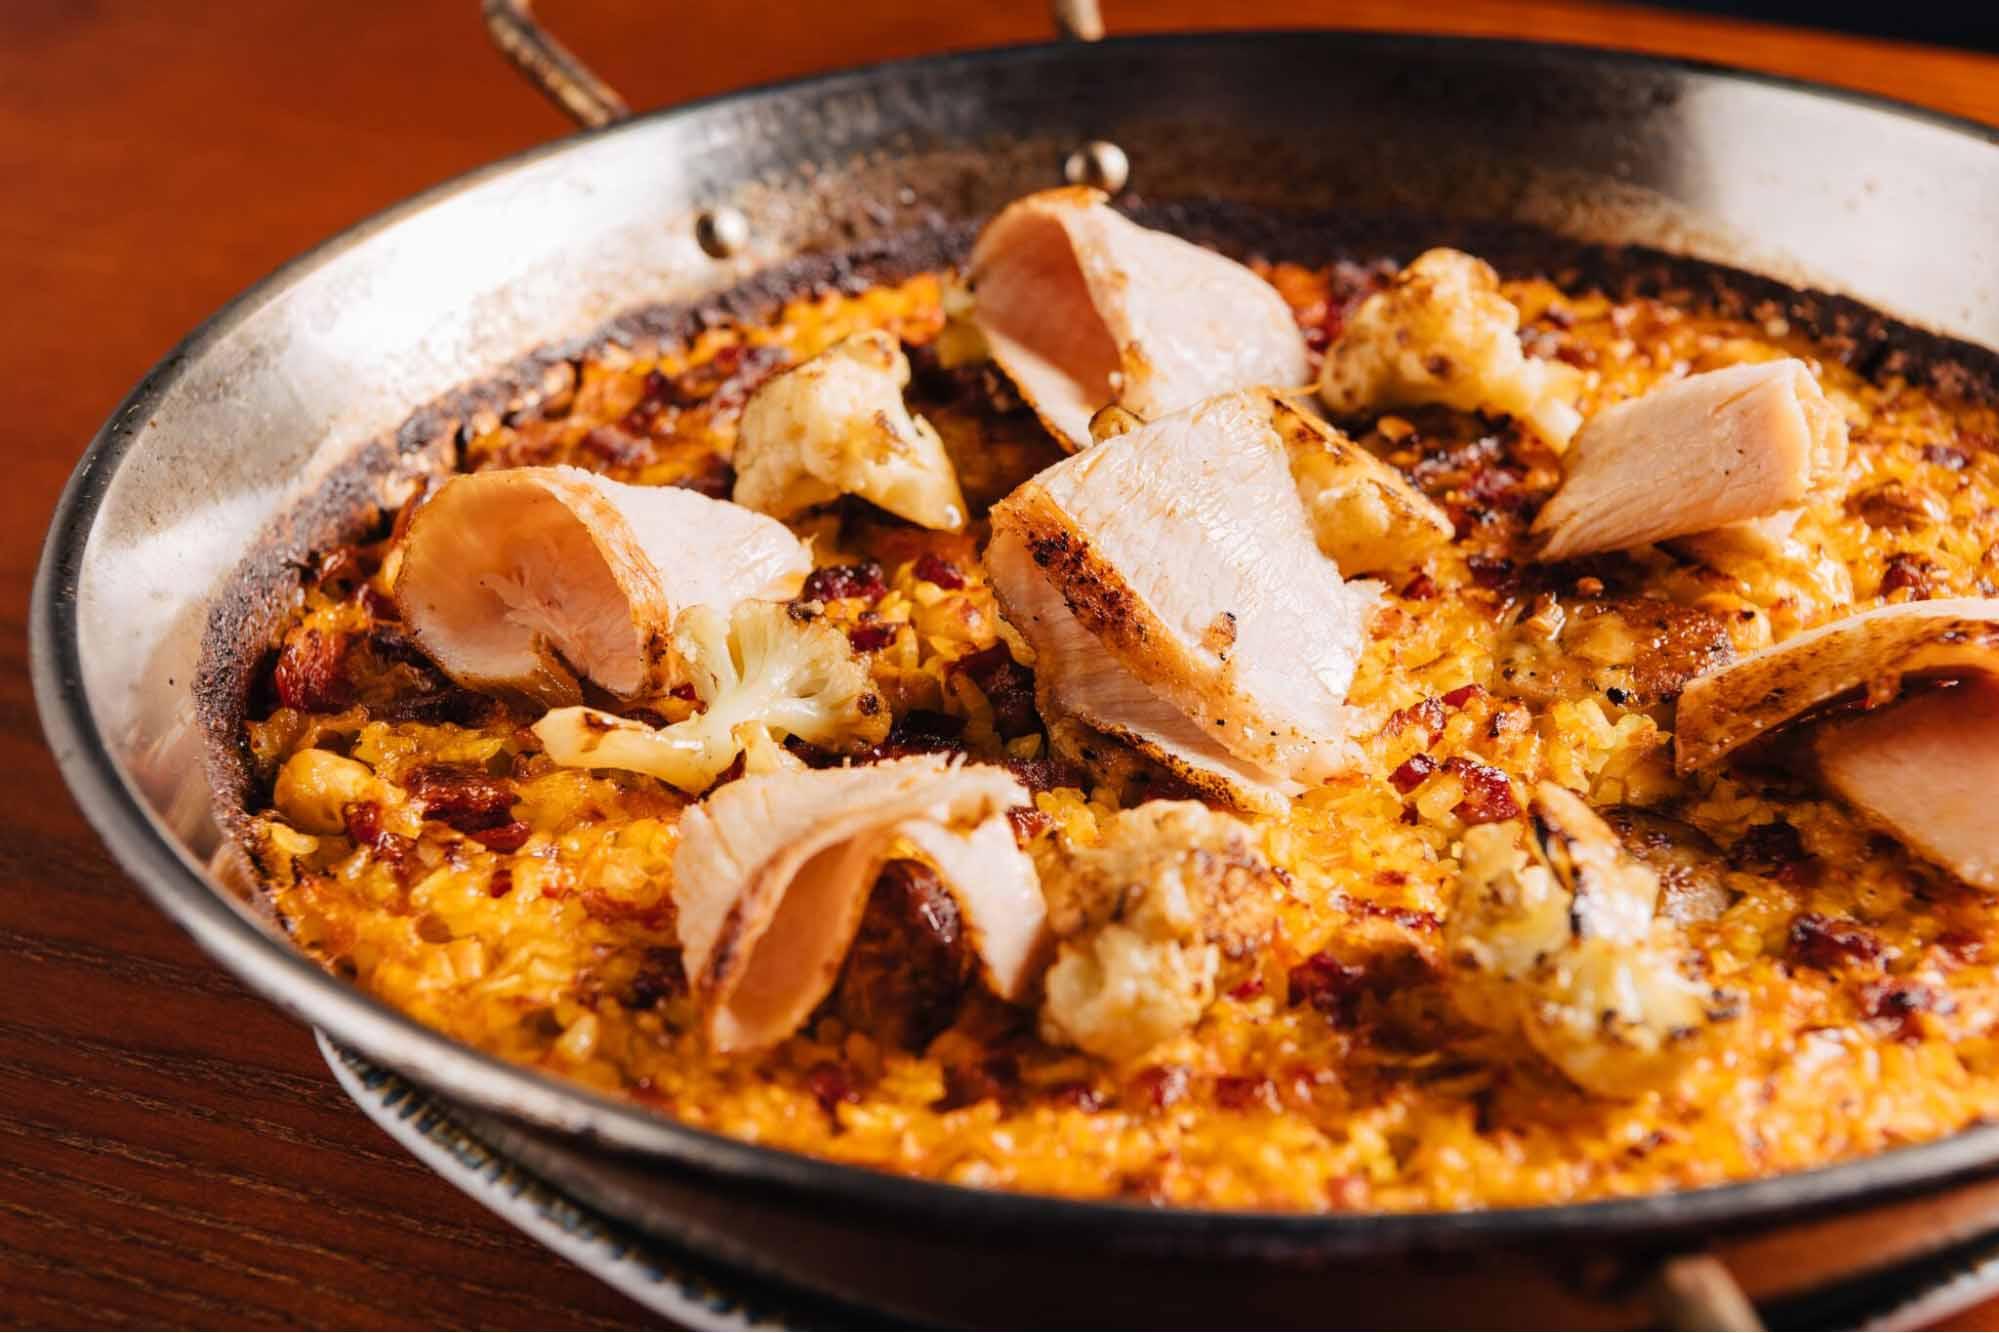 Michelin guide street food festival ola cocina del mar